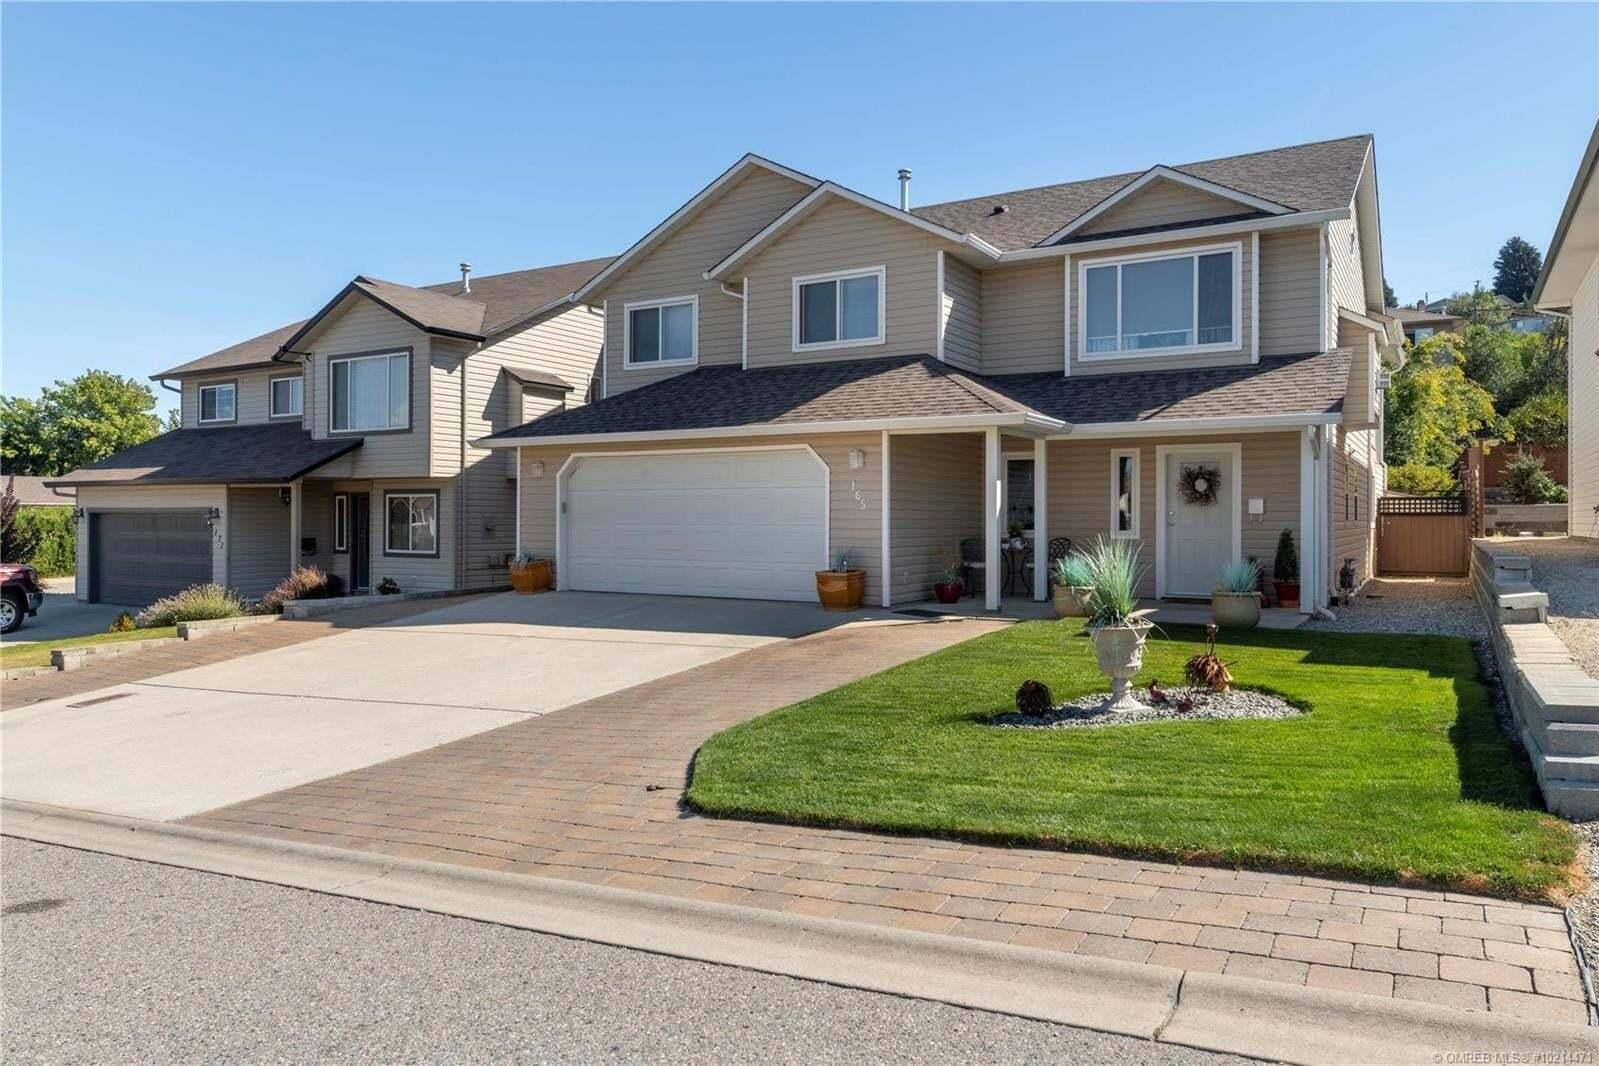 House for sale at 165 Surel Ct Kelowna British Columbia - MLS: 10214471